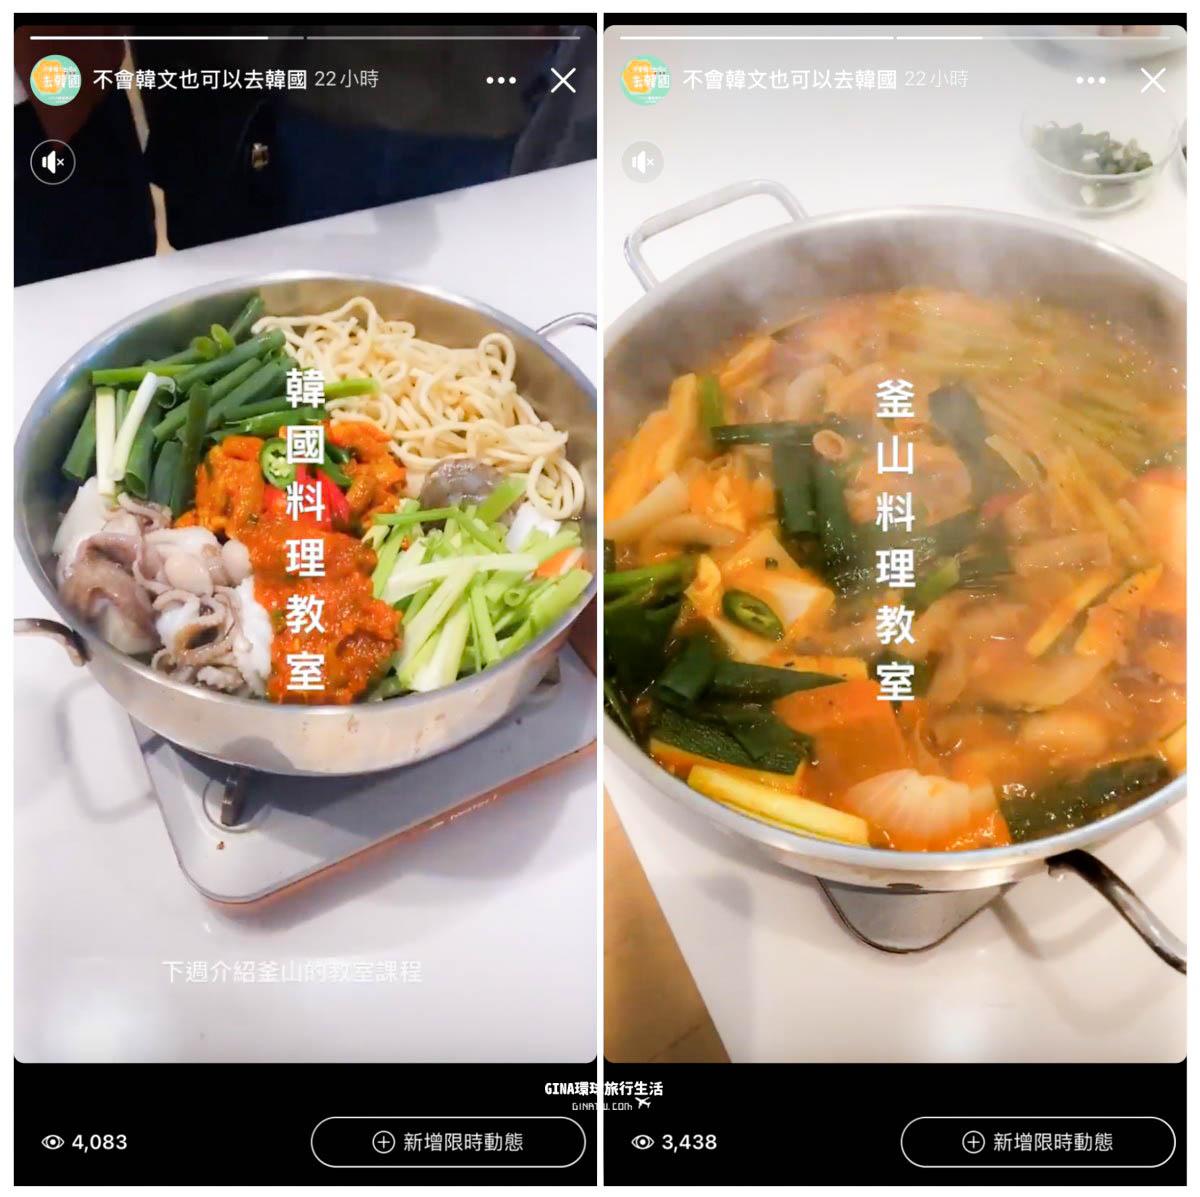 【2021釜山新景點】Busan X The Sky展望台、海雲台Blue Line Park海濱列車、松島龍宮雲橋、釜山Lotte World|韓國料理教室(附食譜) @GINA環球旅行生活